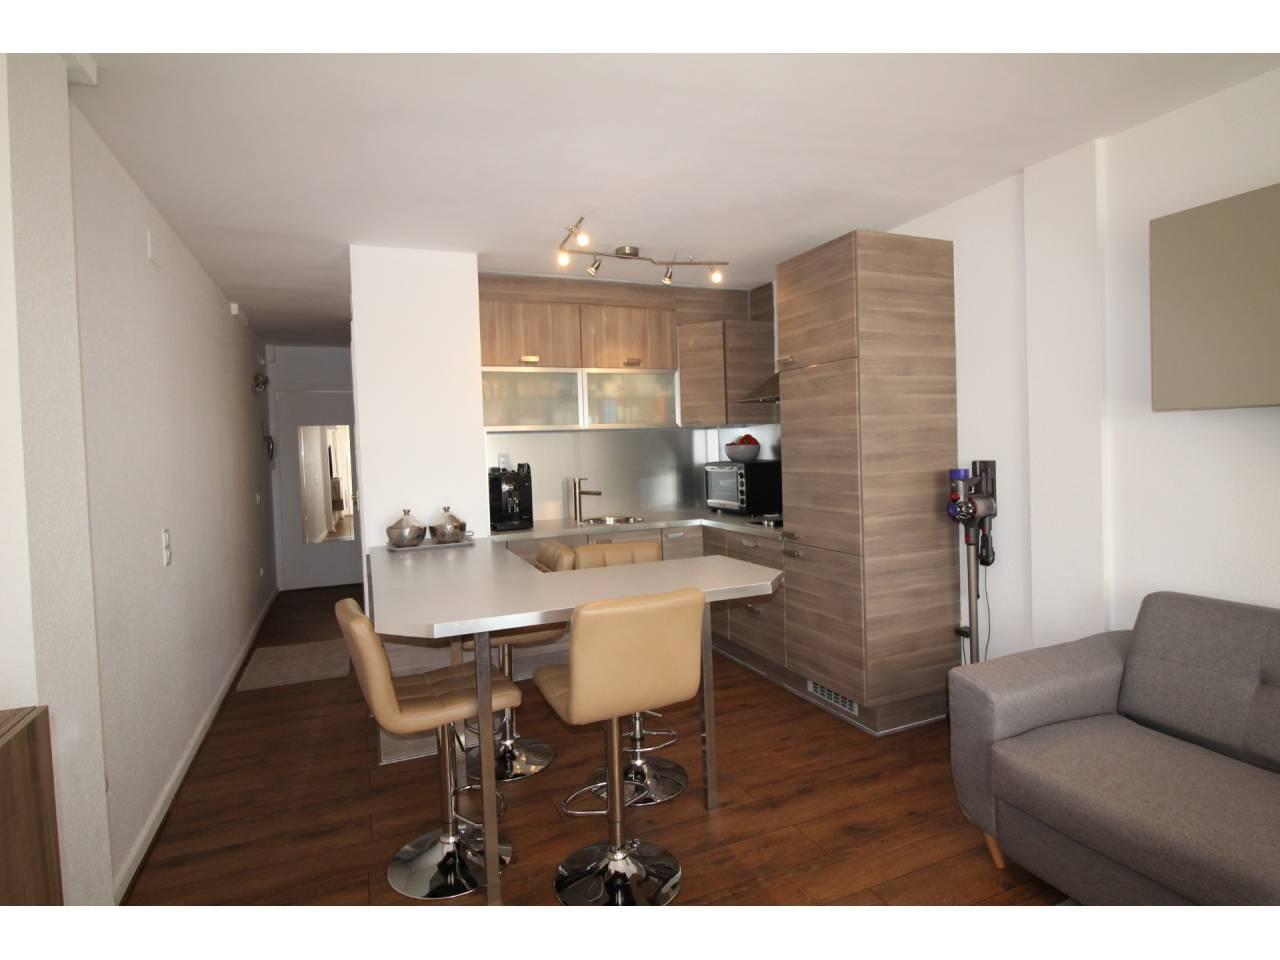 000010 - MUGA PARK Renovierte Wohnung  mit 1 Schlafzimmer